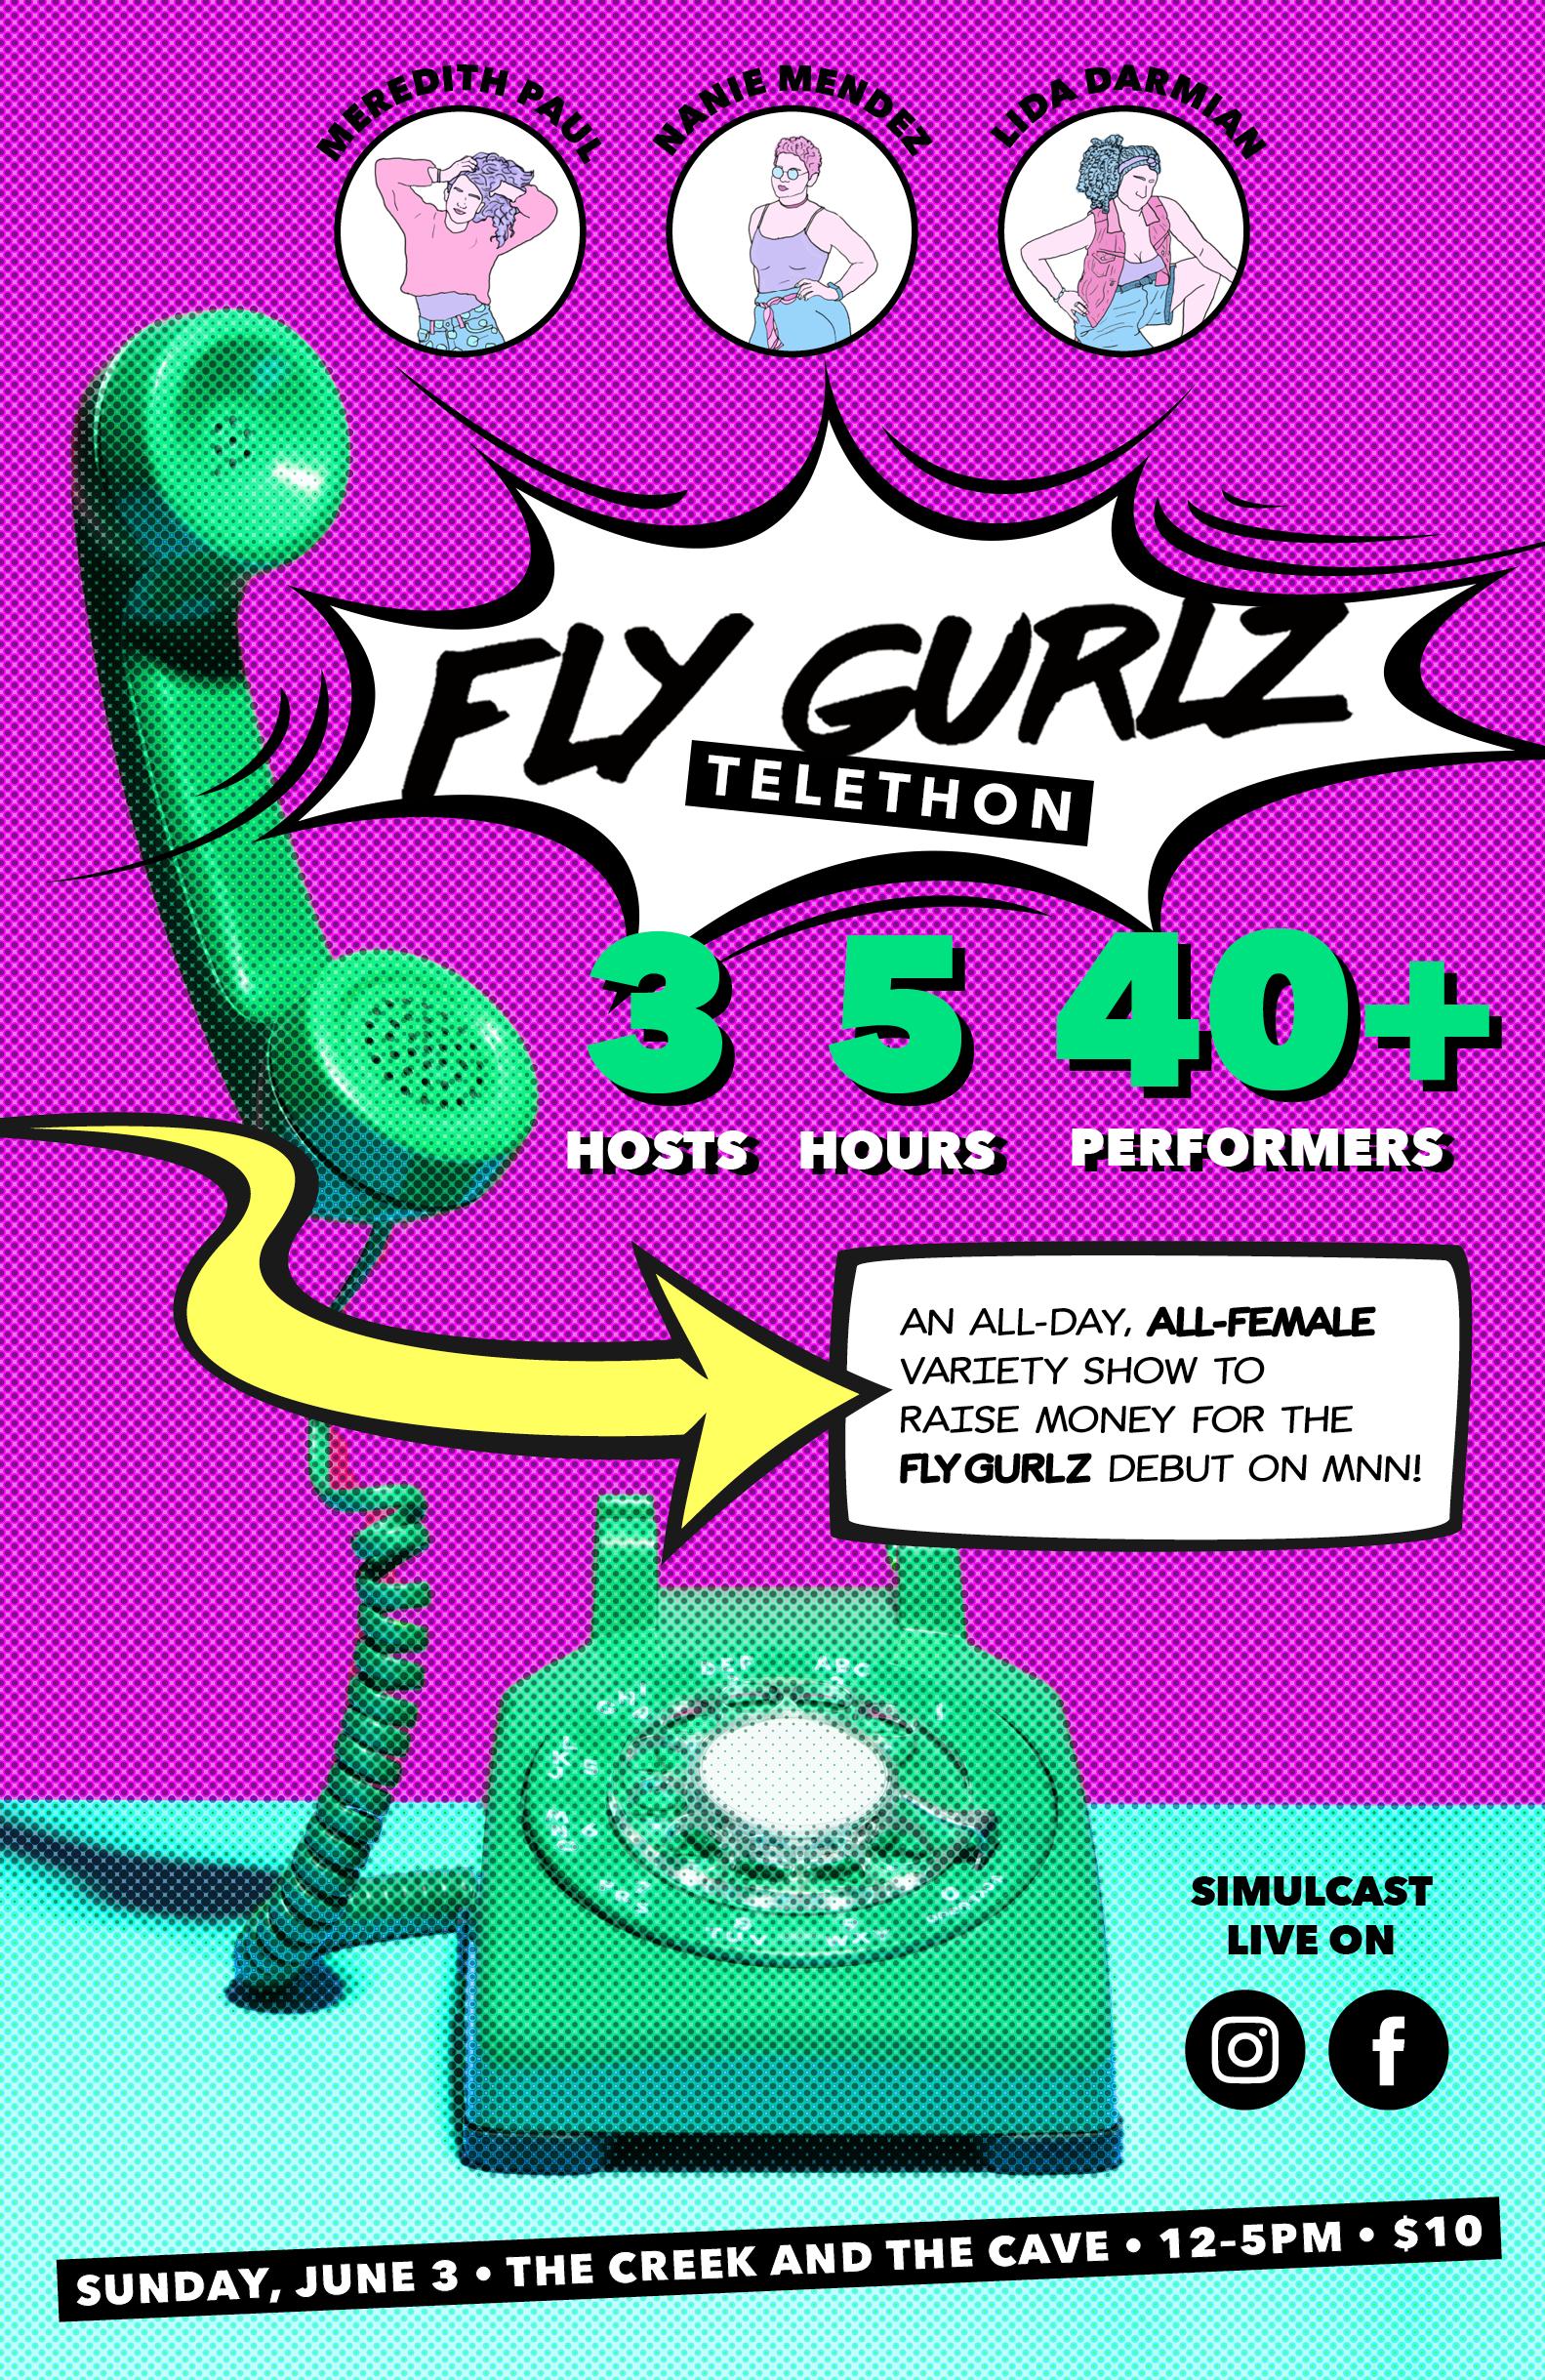 FlyGurlz_Telethon_Poster_v3.png